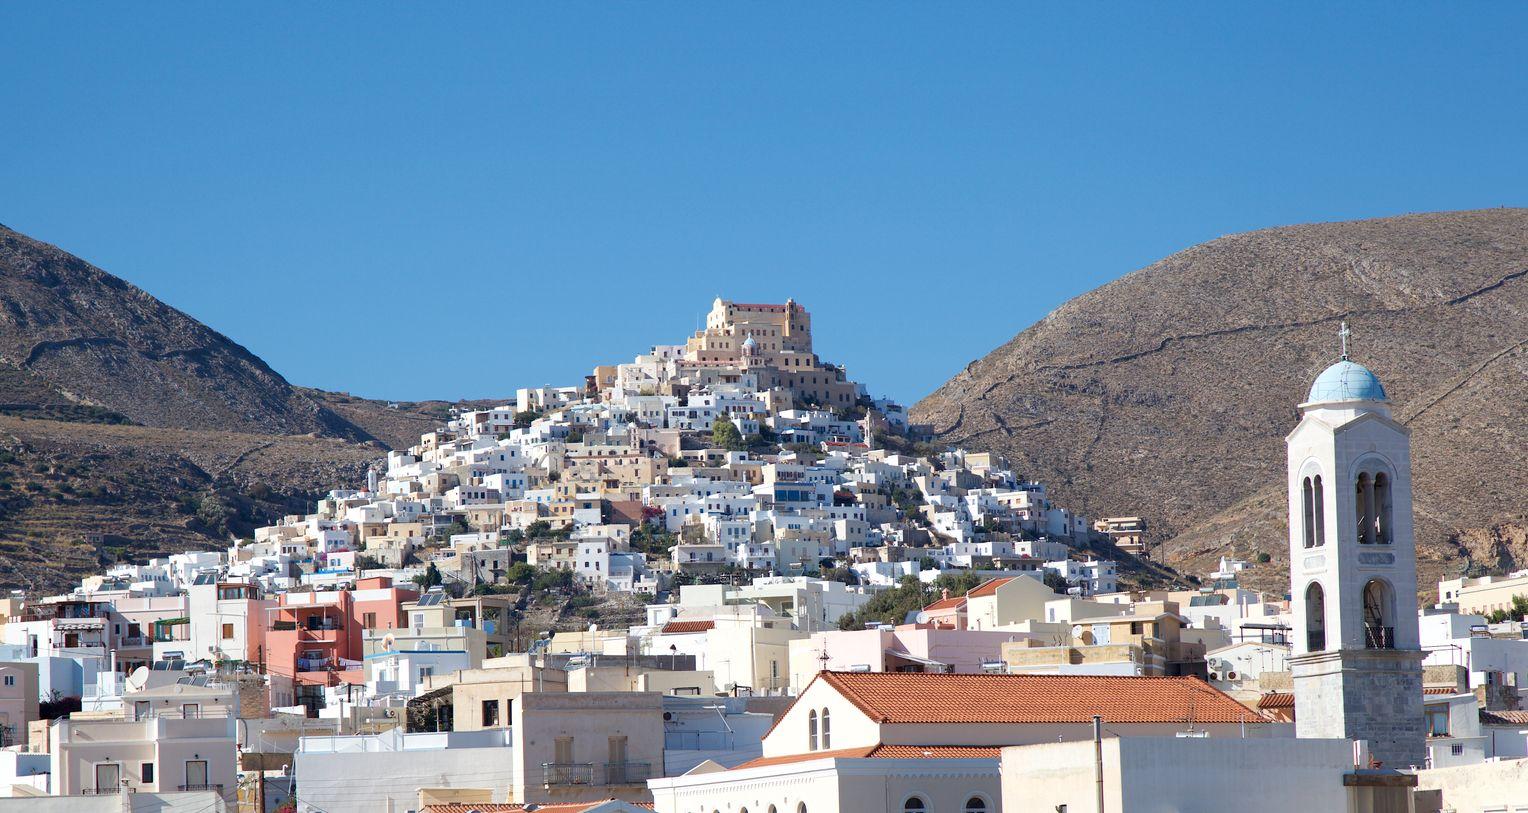 Ermoupoli auf Syros: Die Hauptstadt der Kykladeninsel ist geprägt durch die typisch weißen Würfelhäuser und durch prachtvolle, aus dem 19. Jahrhundert stammende Gebäude. Foto:Martin Llado / Getty Images. Covid free Syros